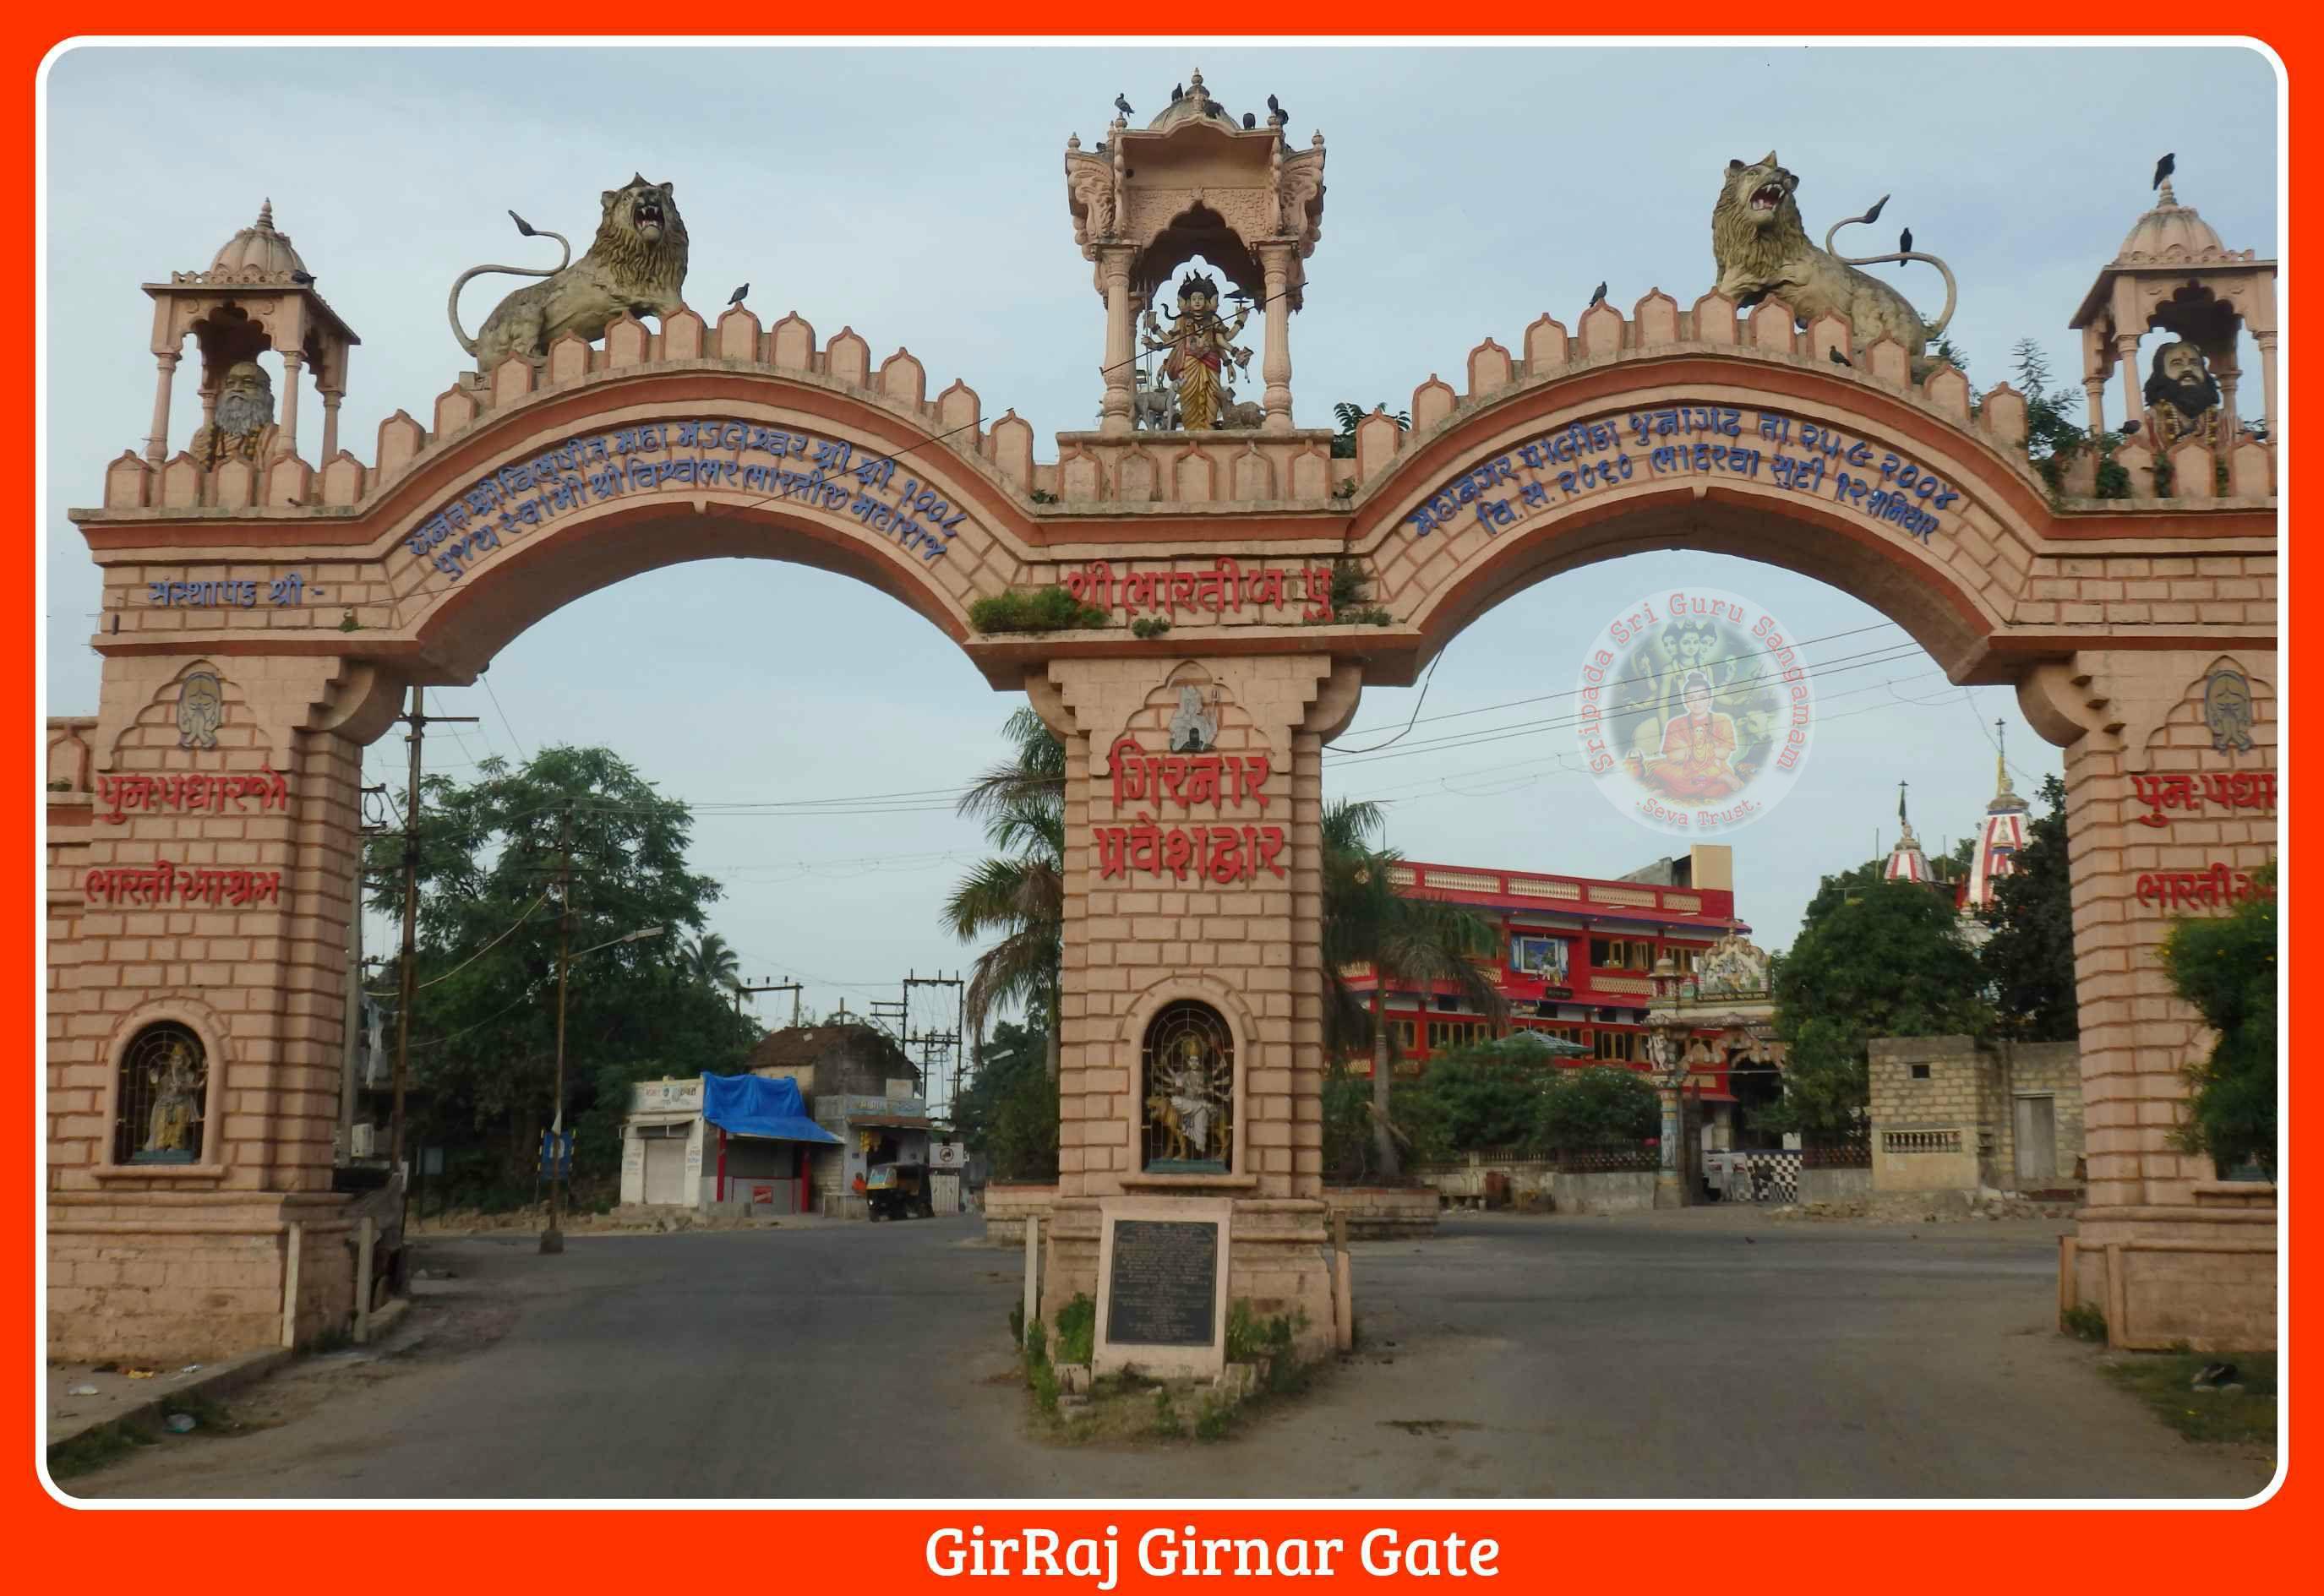 Girnar Gate / Girnar Darwaja